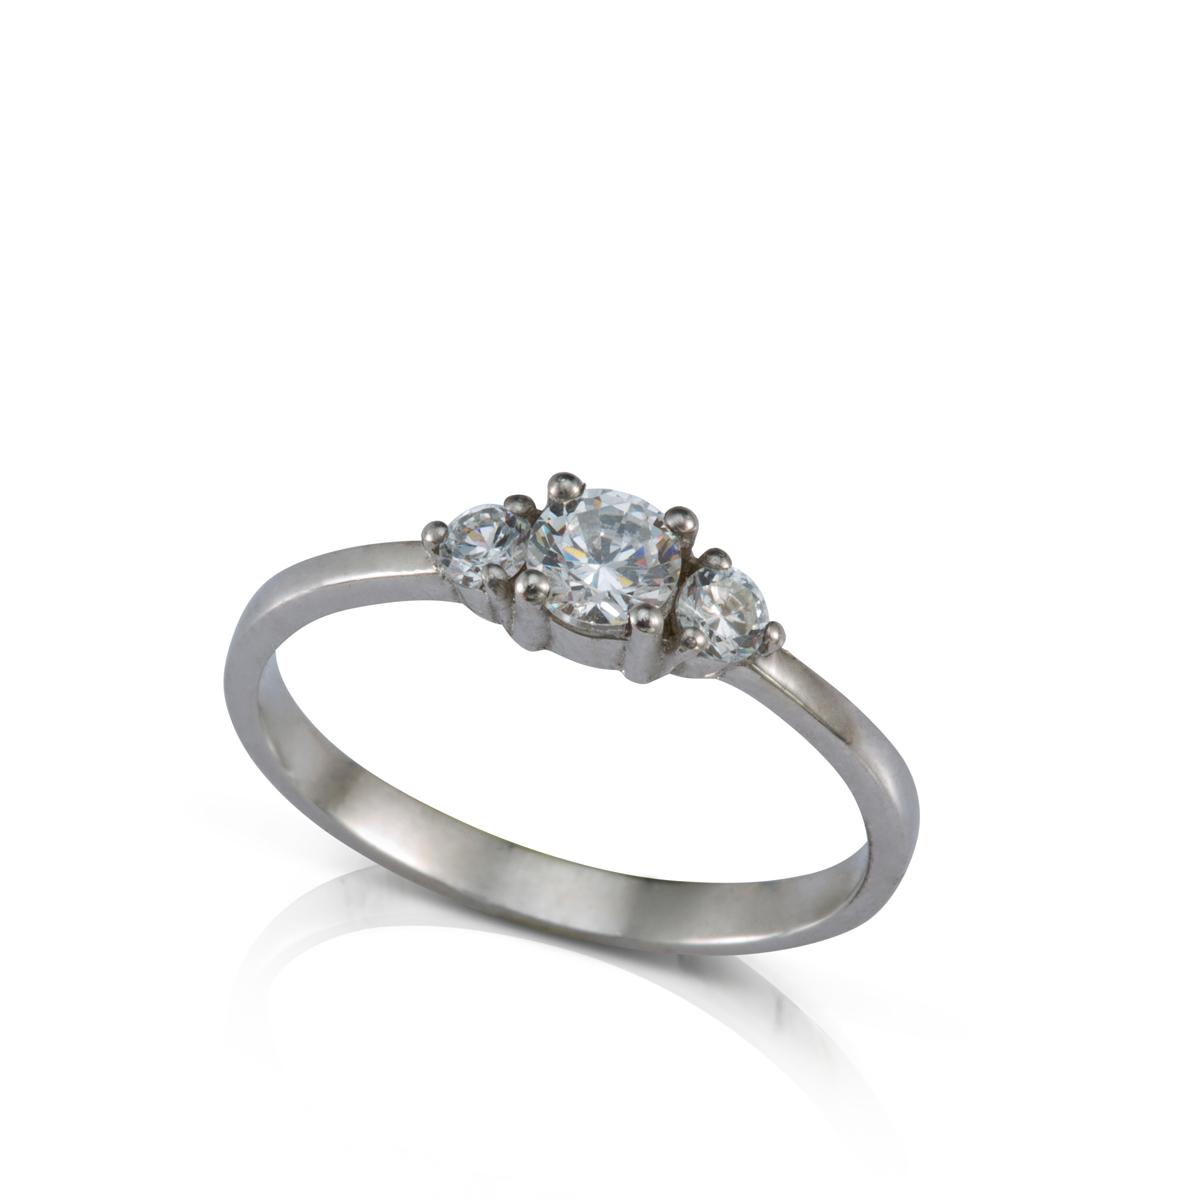 טבעת אירוסין משובצת יהלום מרכזי 0.30ct  ו-2 יהלומים צדדים